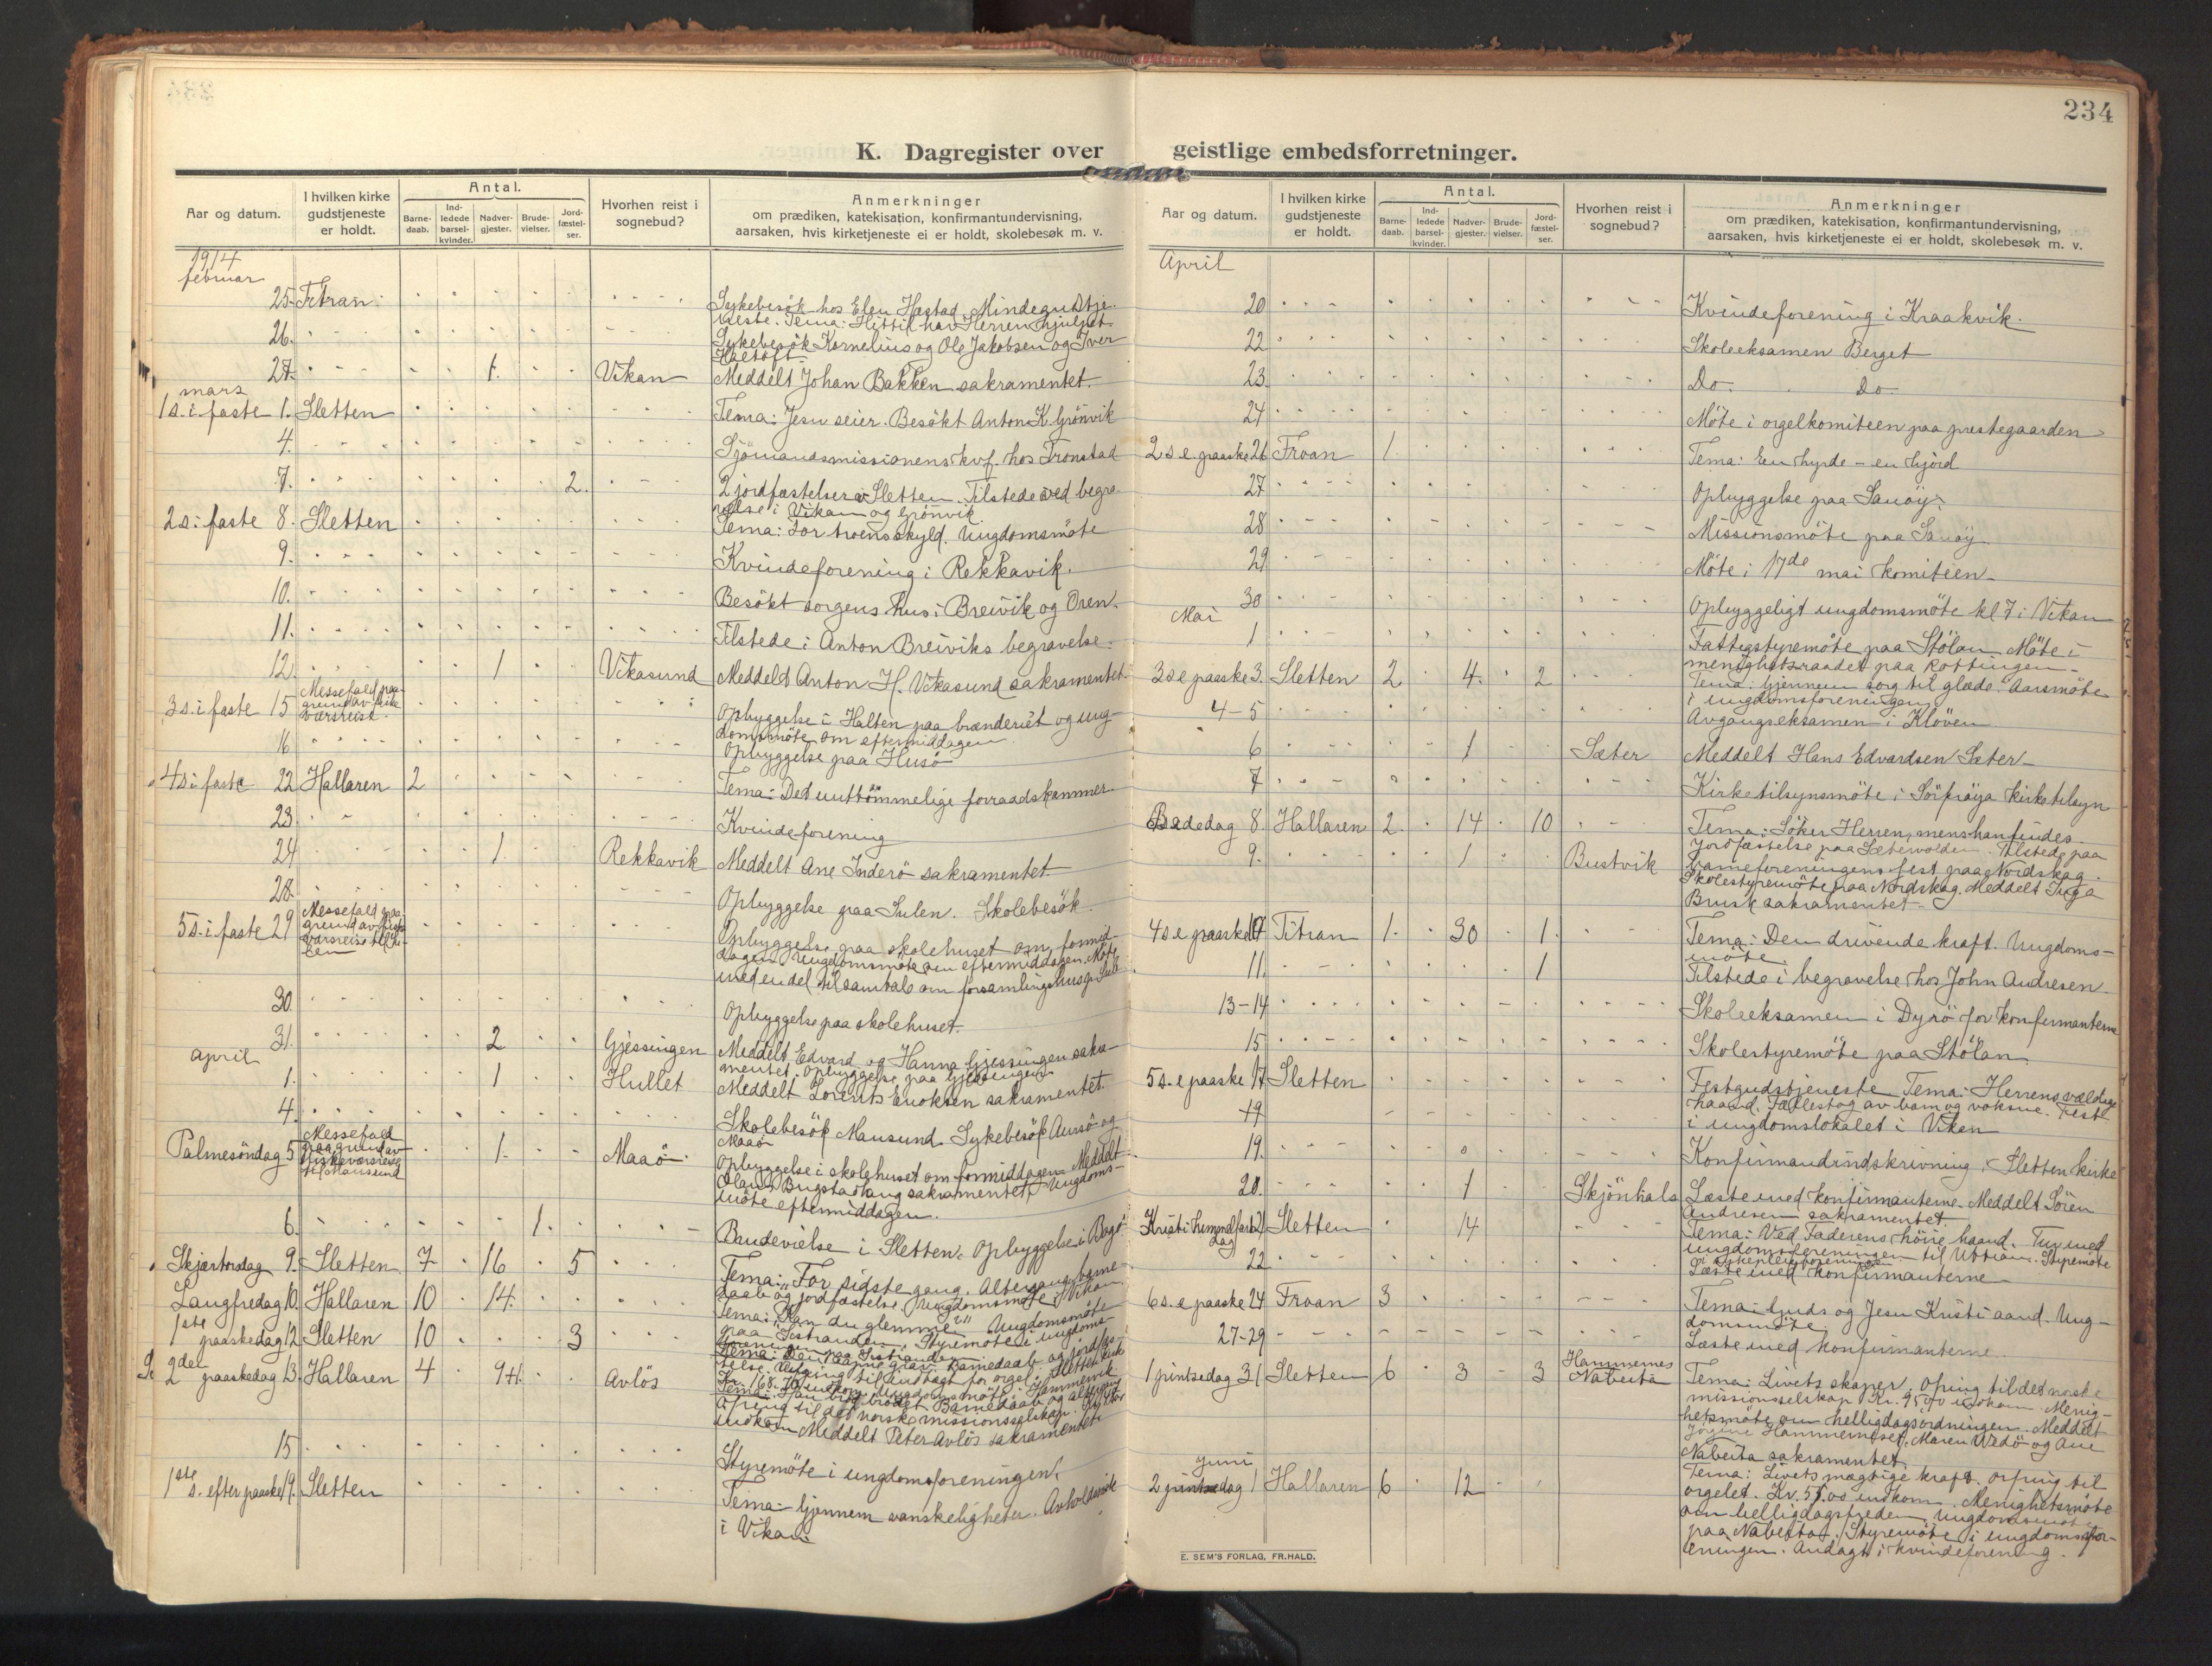 SAT, Ministerialprotokoller, klokkerbøker og fødselsregistre - Sør-Trøndelag, 640/L0581: Ministerialbok nr. 640A06, 1910-1924, s. 234